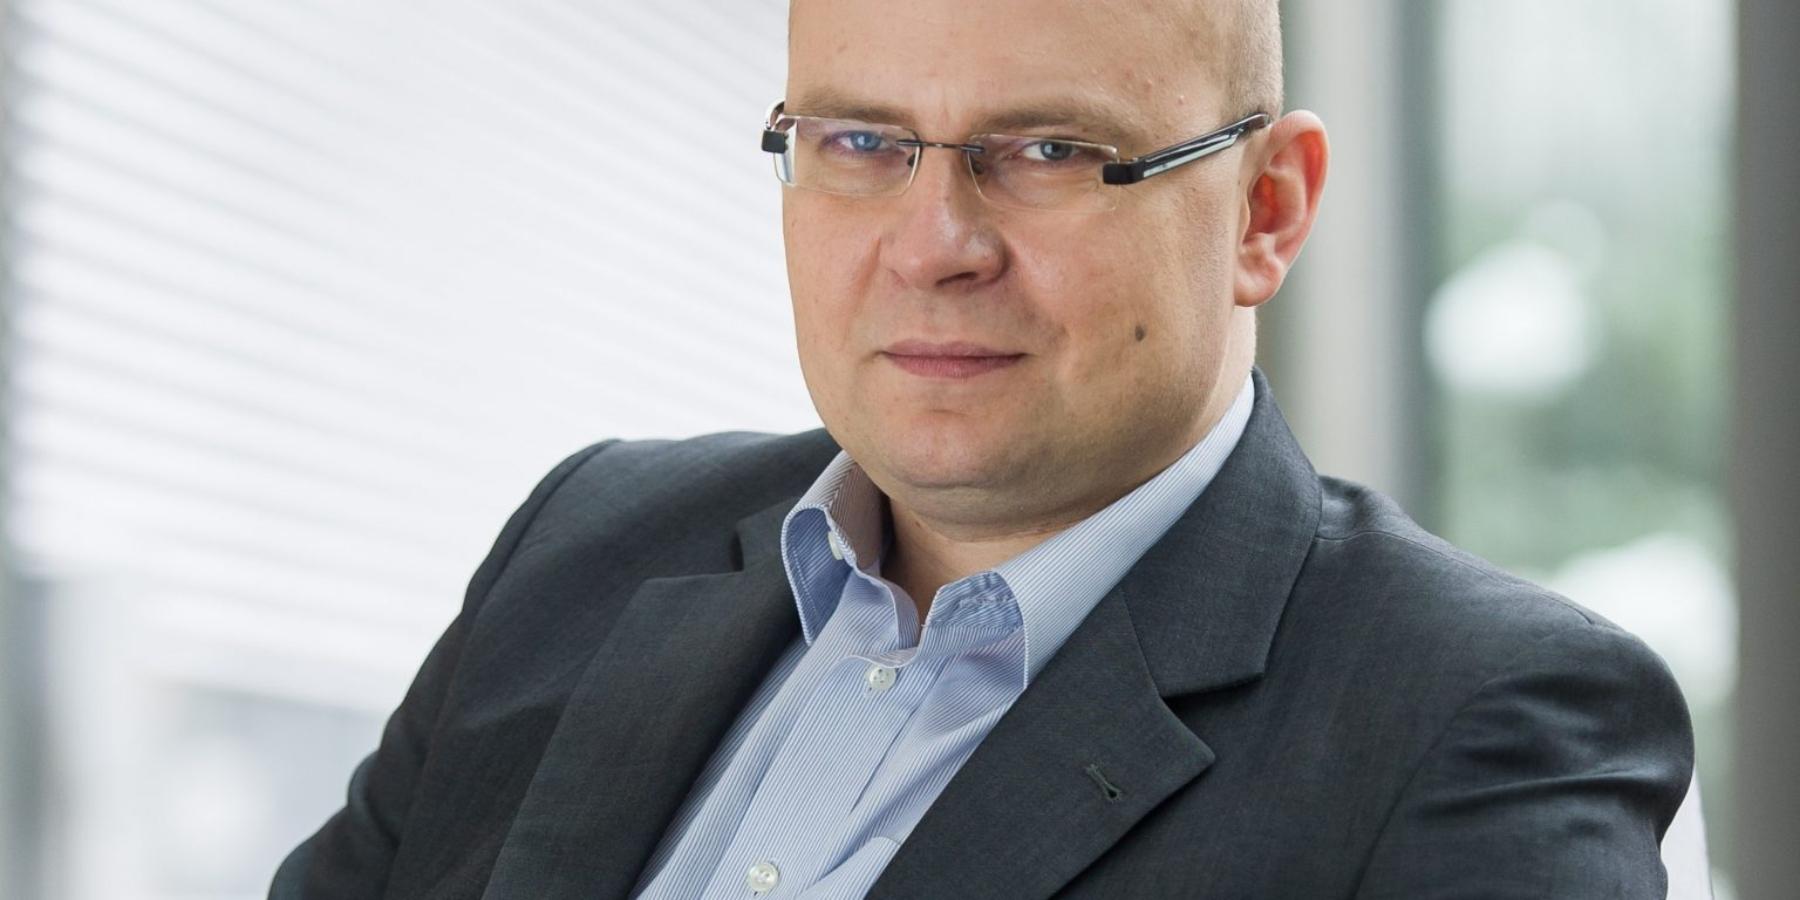 Konsument patrzy nietylkonacenę – wywiad zRafałem Stępniewskim (Rzetelna Grupa)